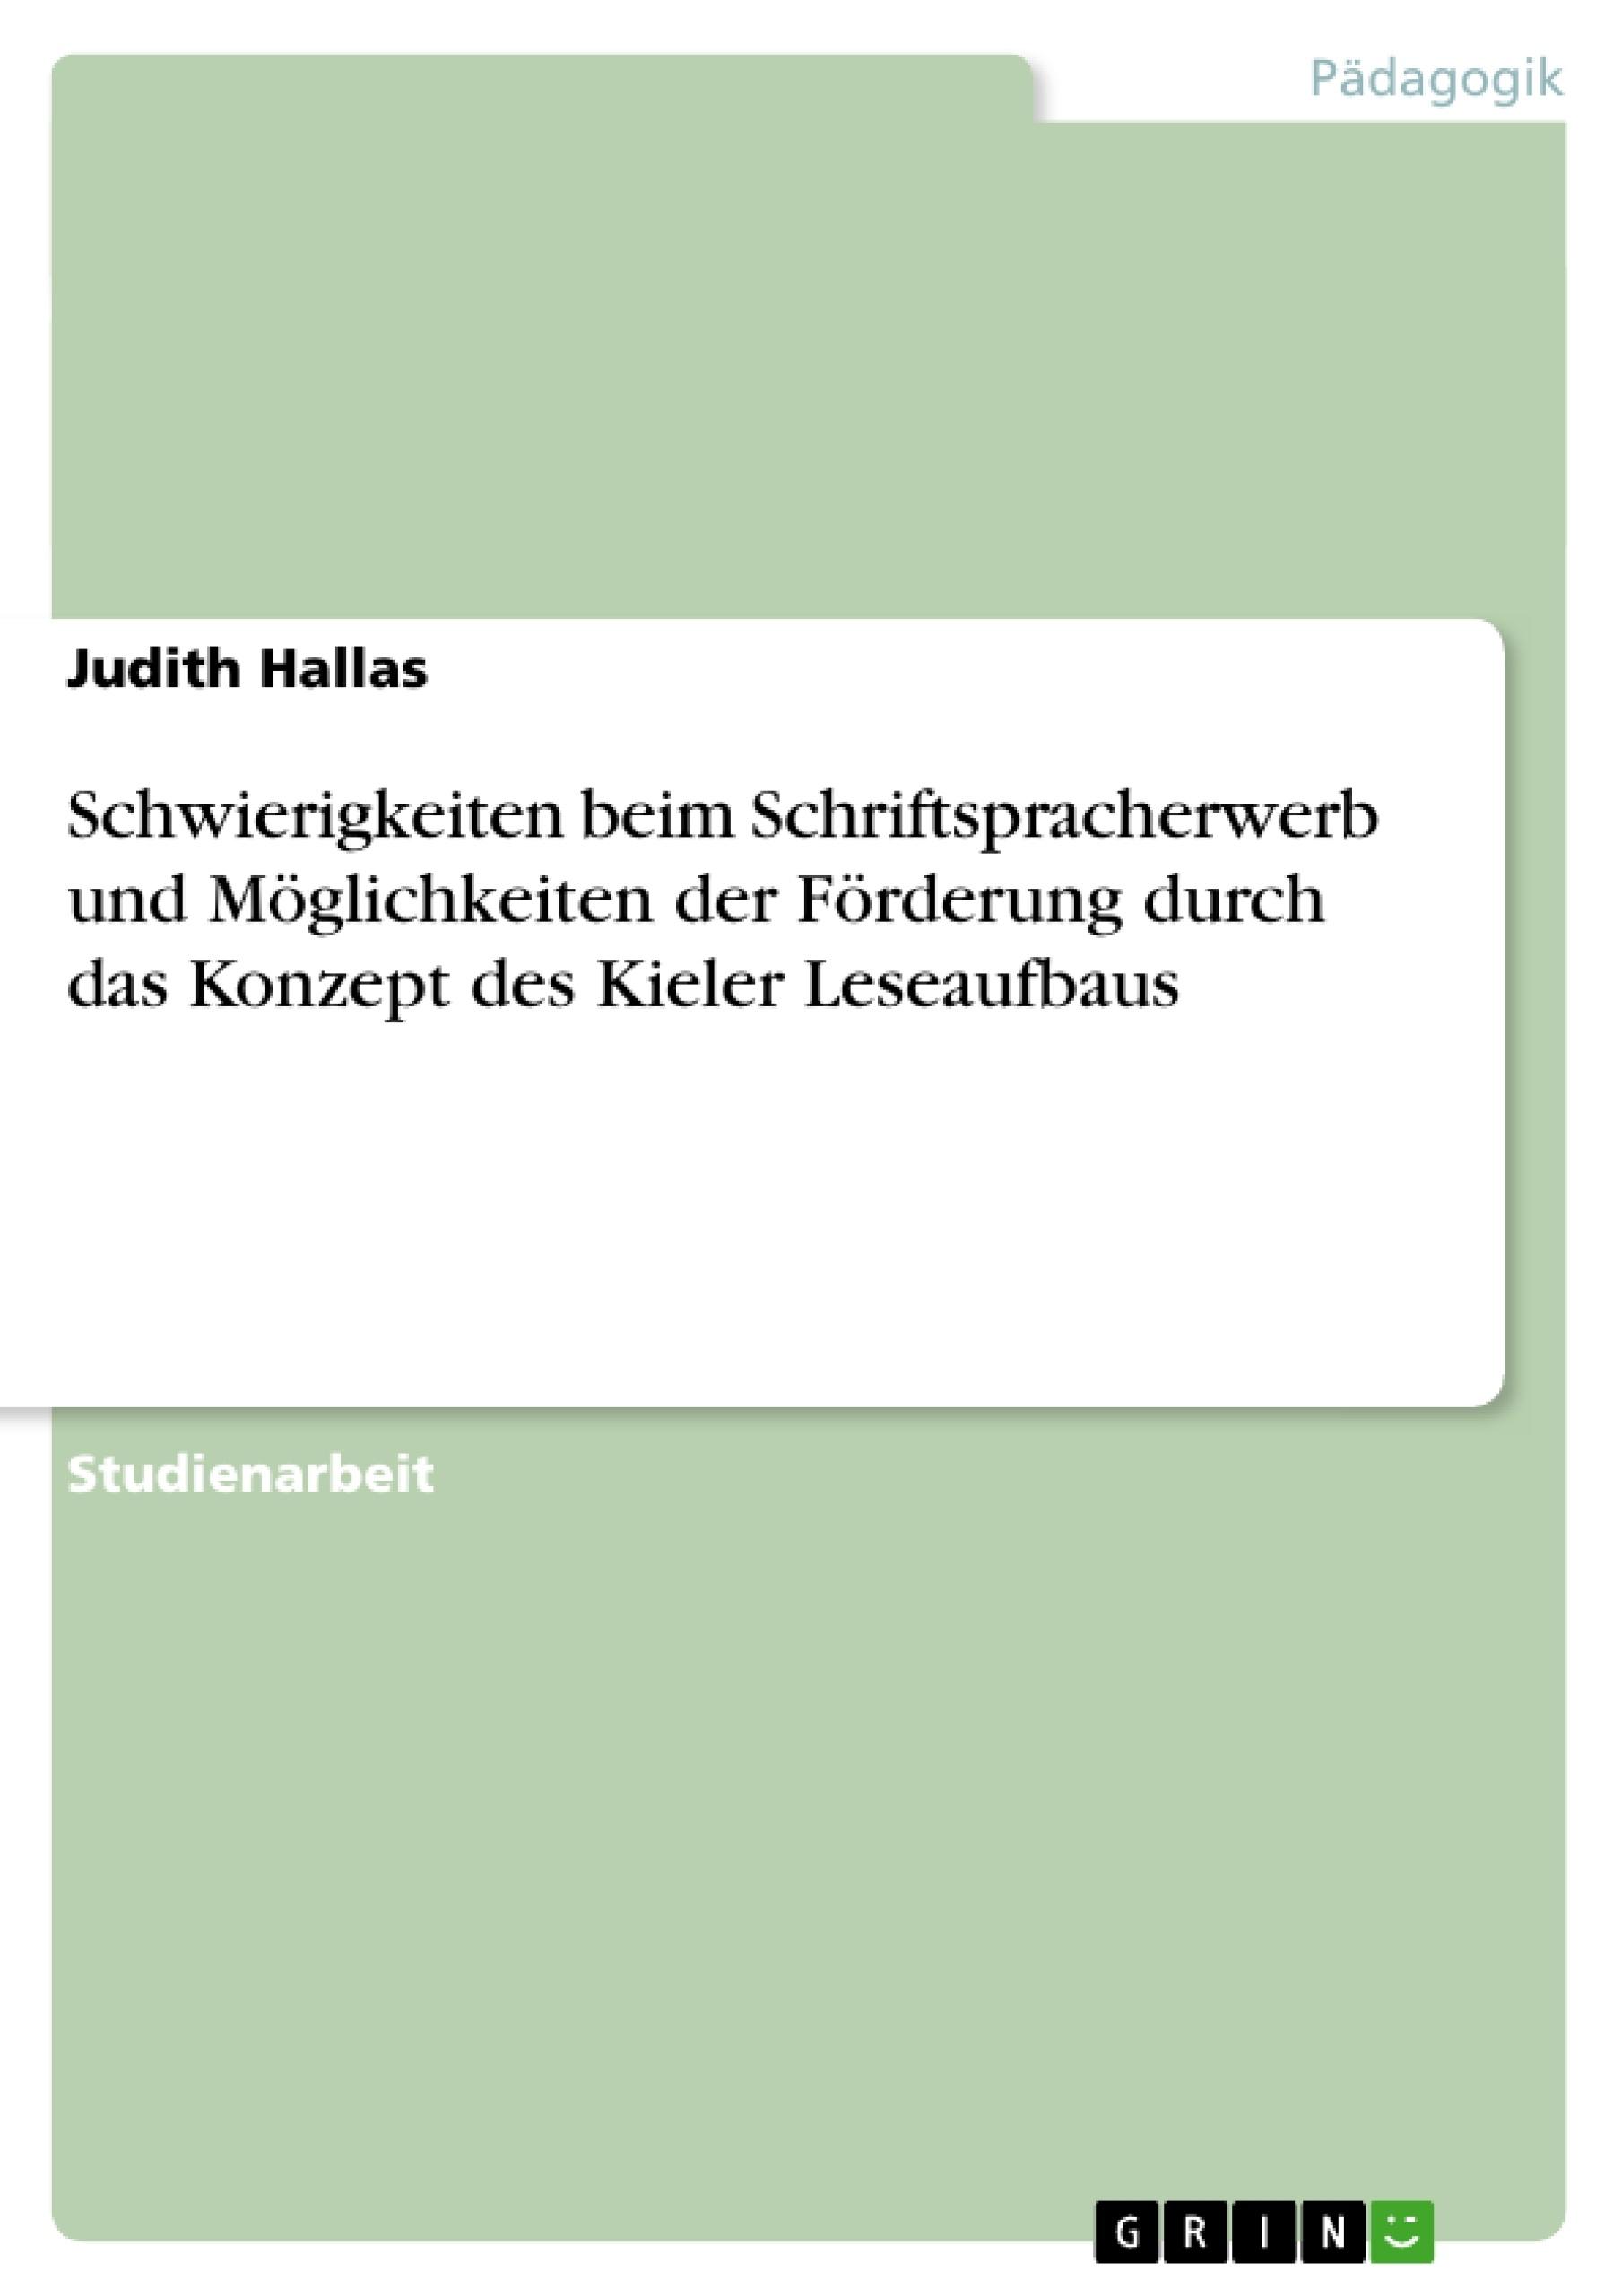 Titel: Schwierigkeiten beim Schriftspracherwerb und Möglichkeiten der Förderung durch das Konzept des Kieler Leseaufbaus